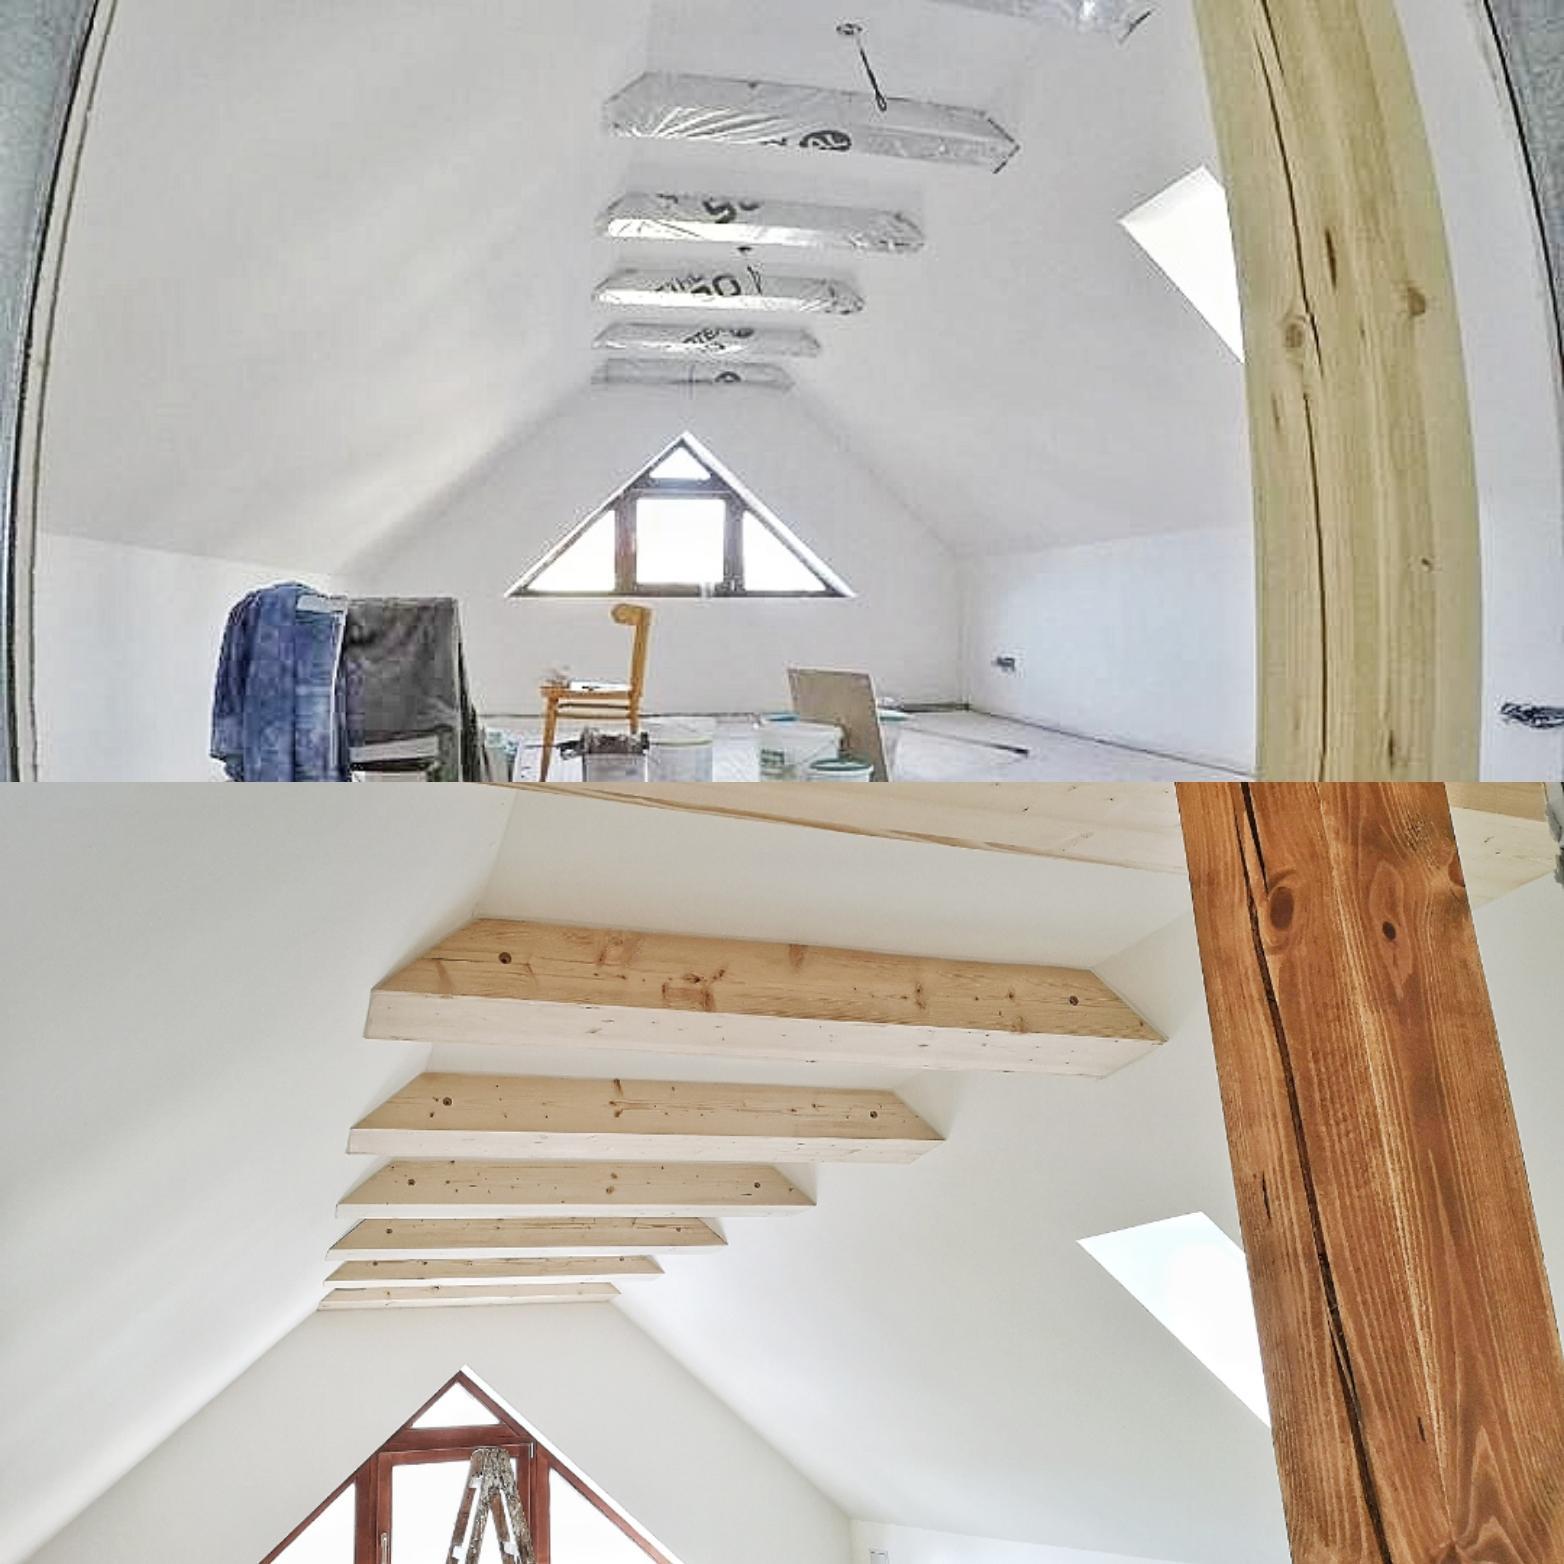 Rekonstrukcia  domu z 18- teho storocia - Obrázok č. 383